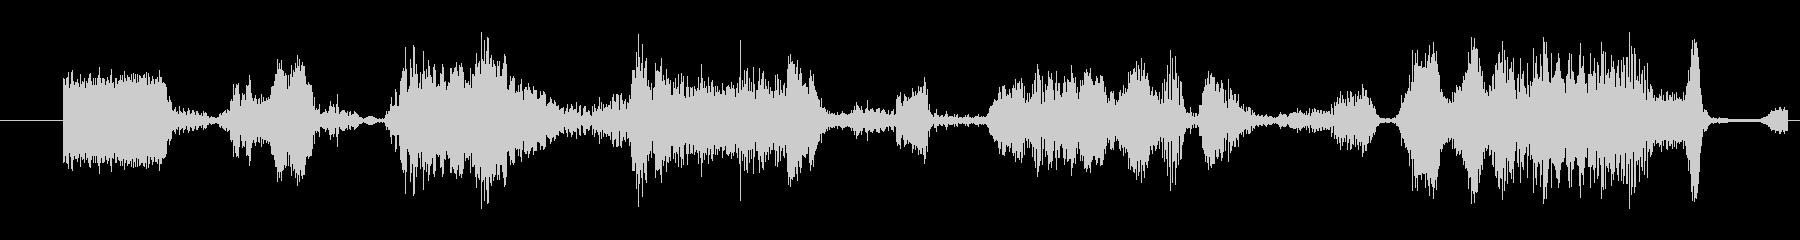 モンスター グリッチトーク07の未再生の波形